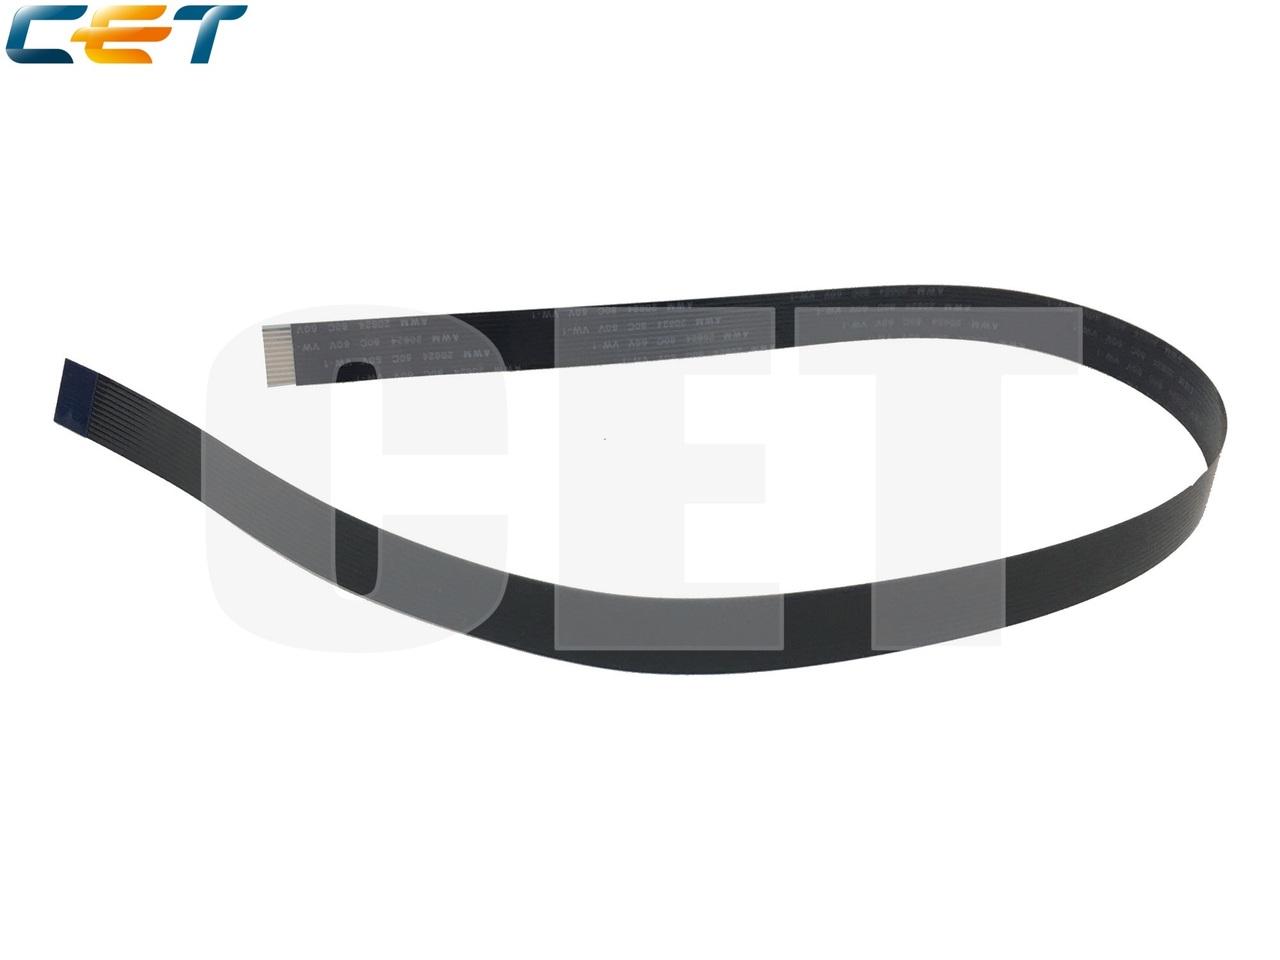 Шлейф планшетного сканера 11 pins FF-M1536 для HPLaserJet M1536 (CET), CLS0236